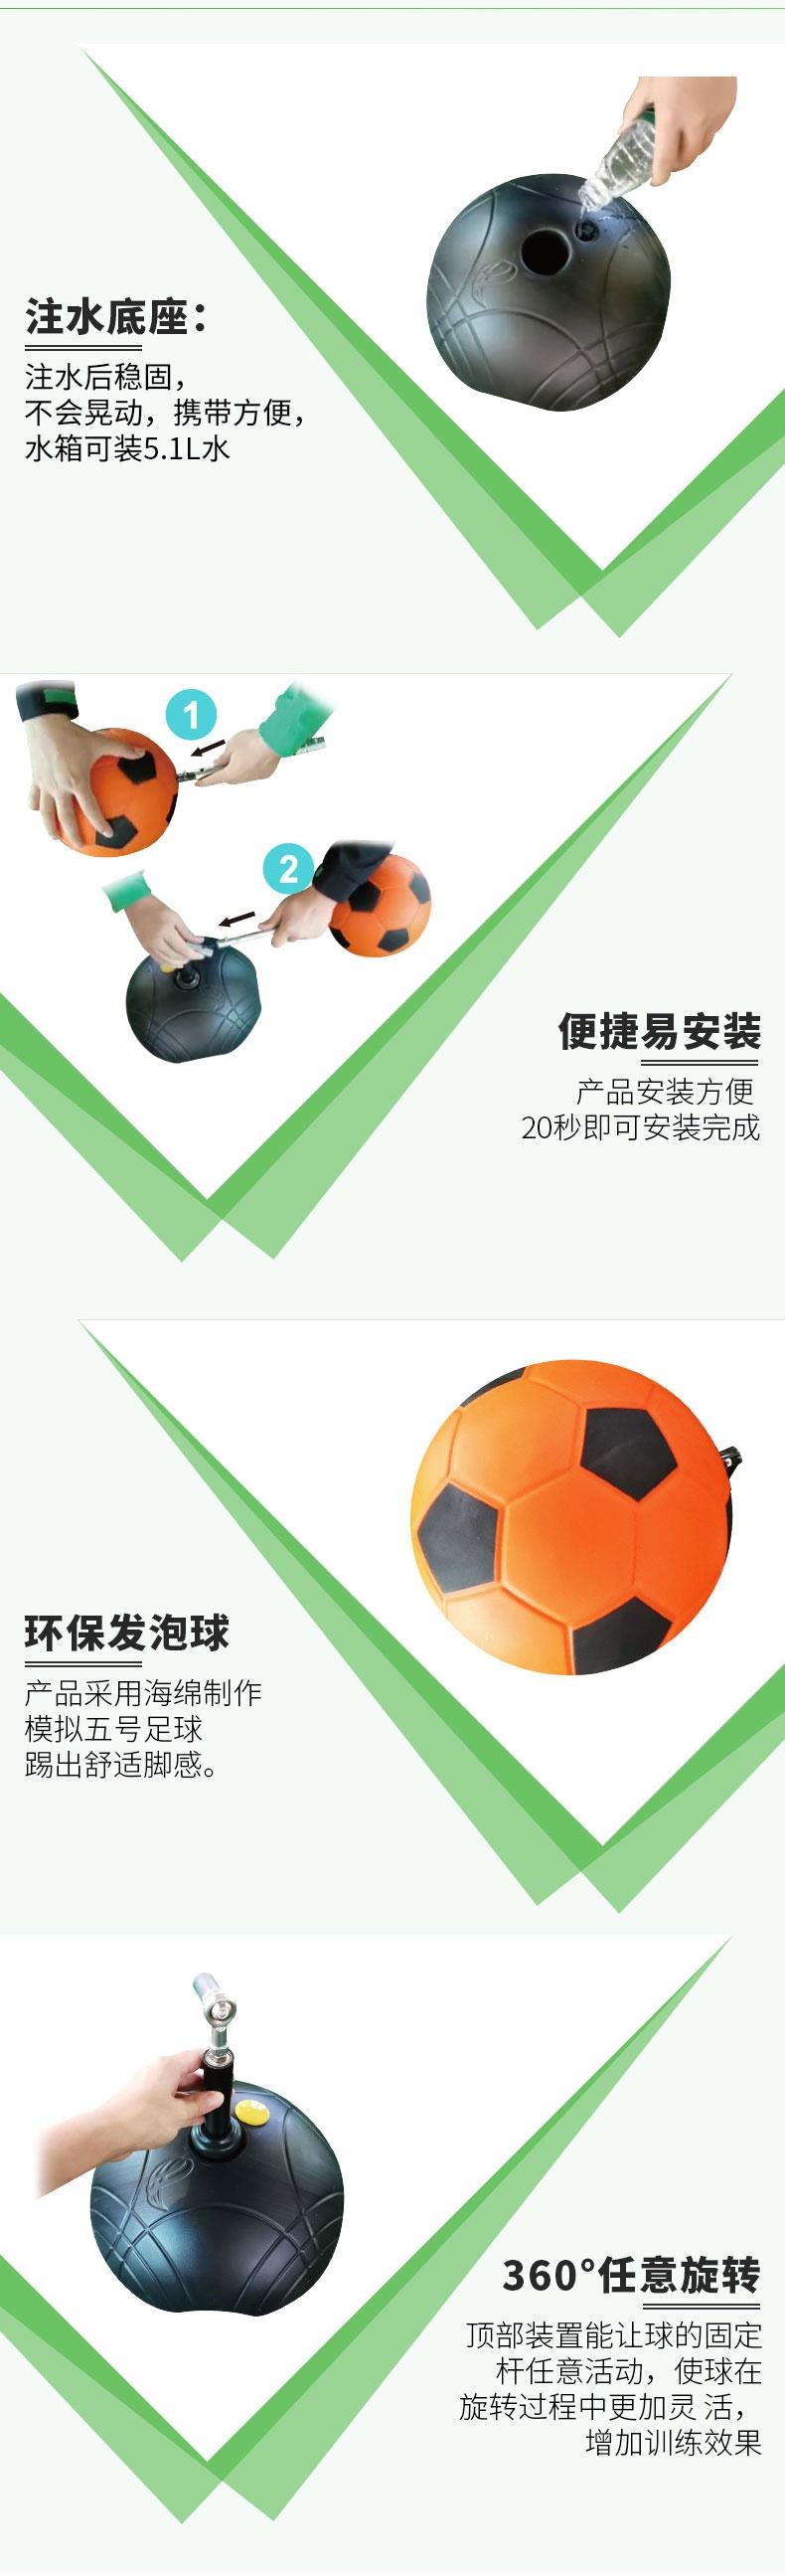 足球脚感训练器颠球训练器青少年足球训练器球场两用球感训练神器-tmall_03.jpg